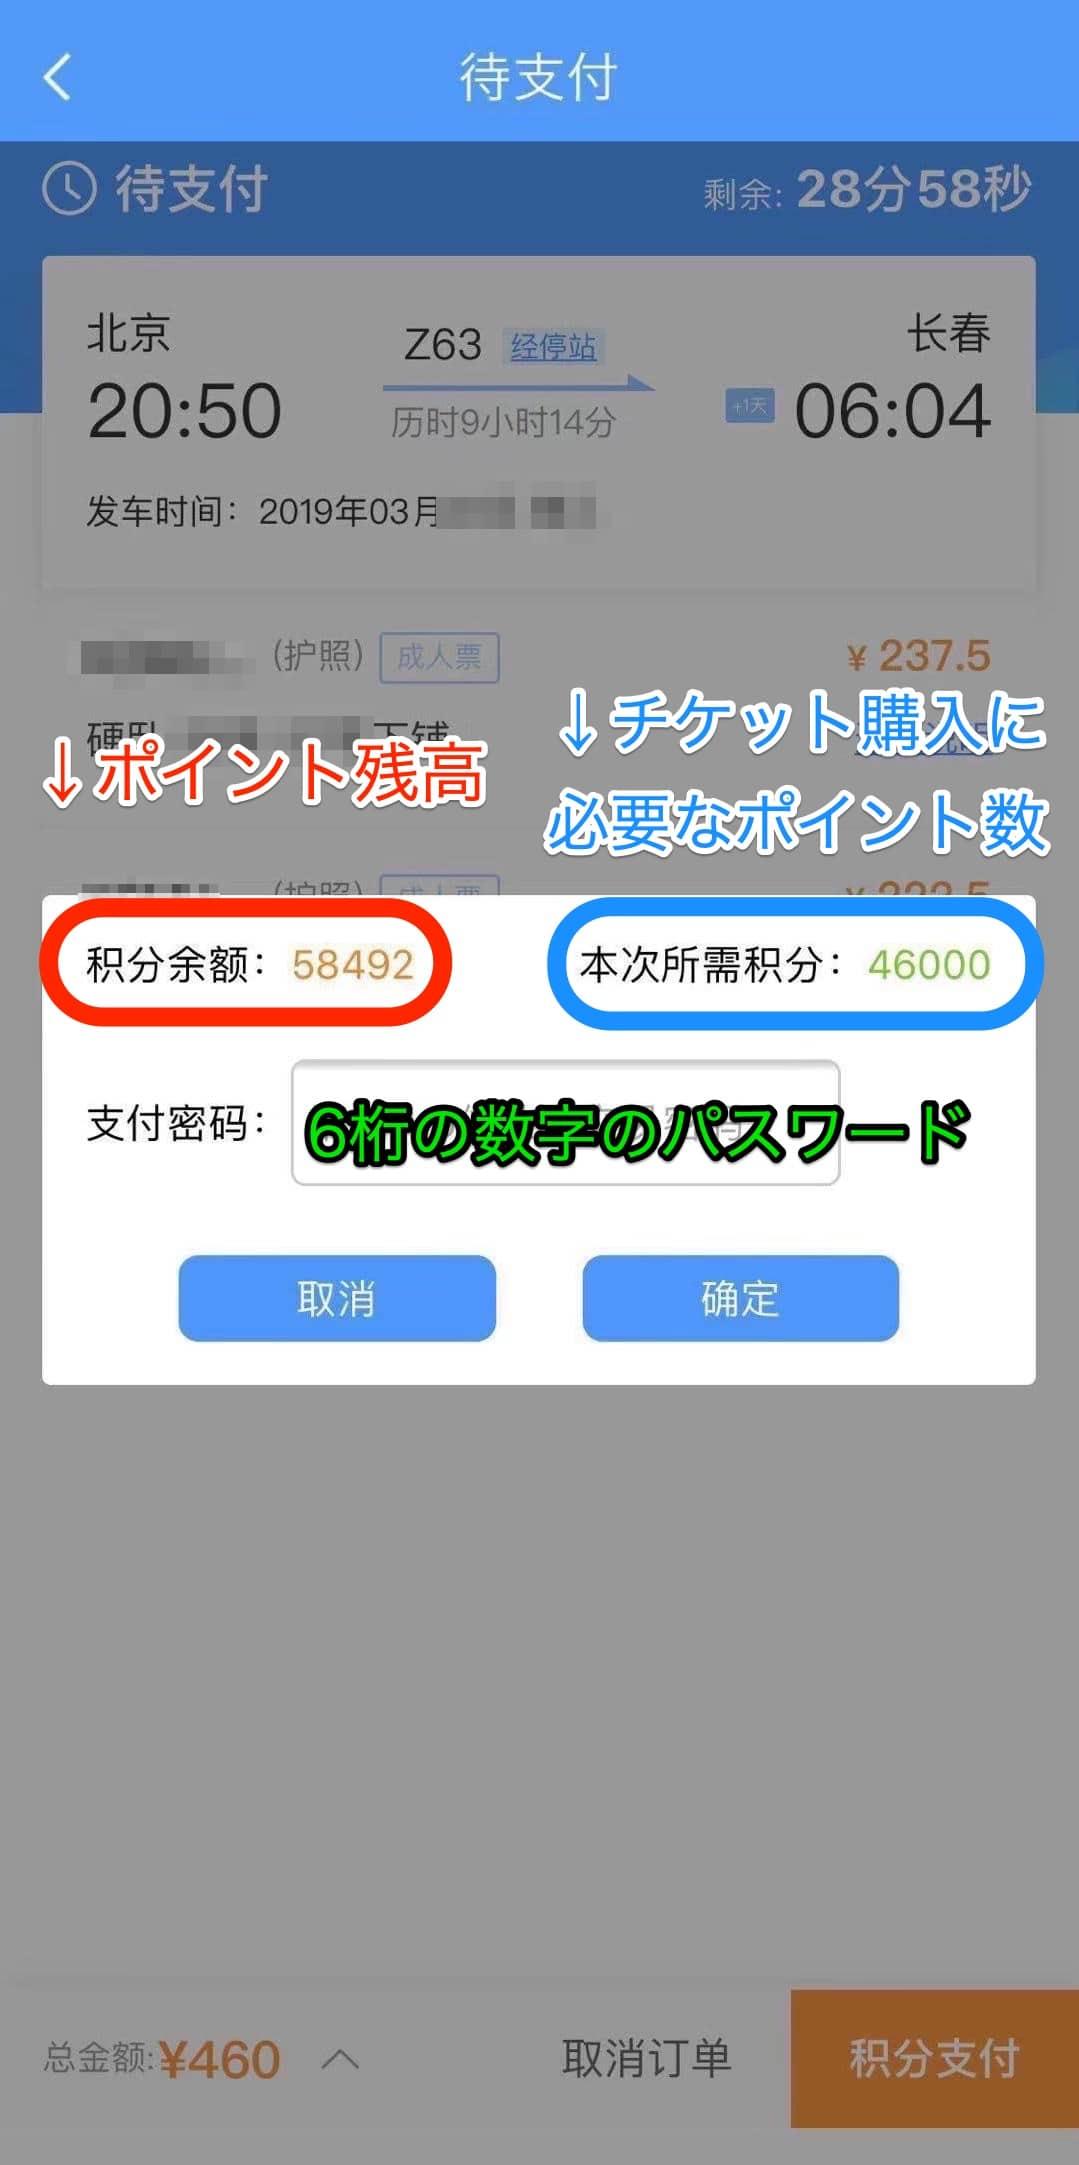 12306ポイントで中国高铁のチケットを買う